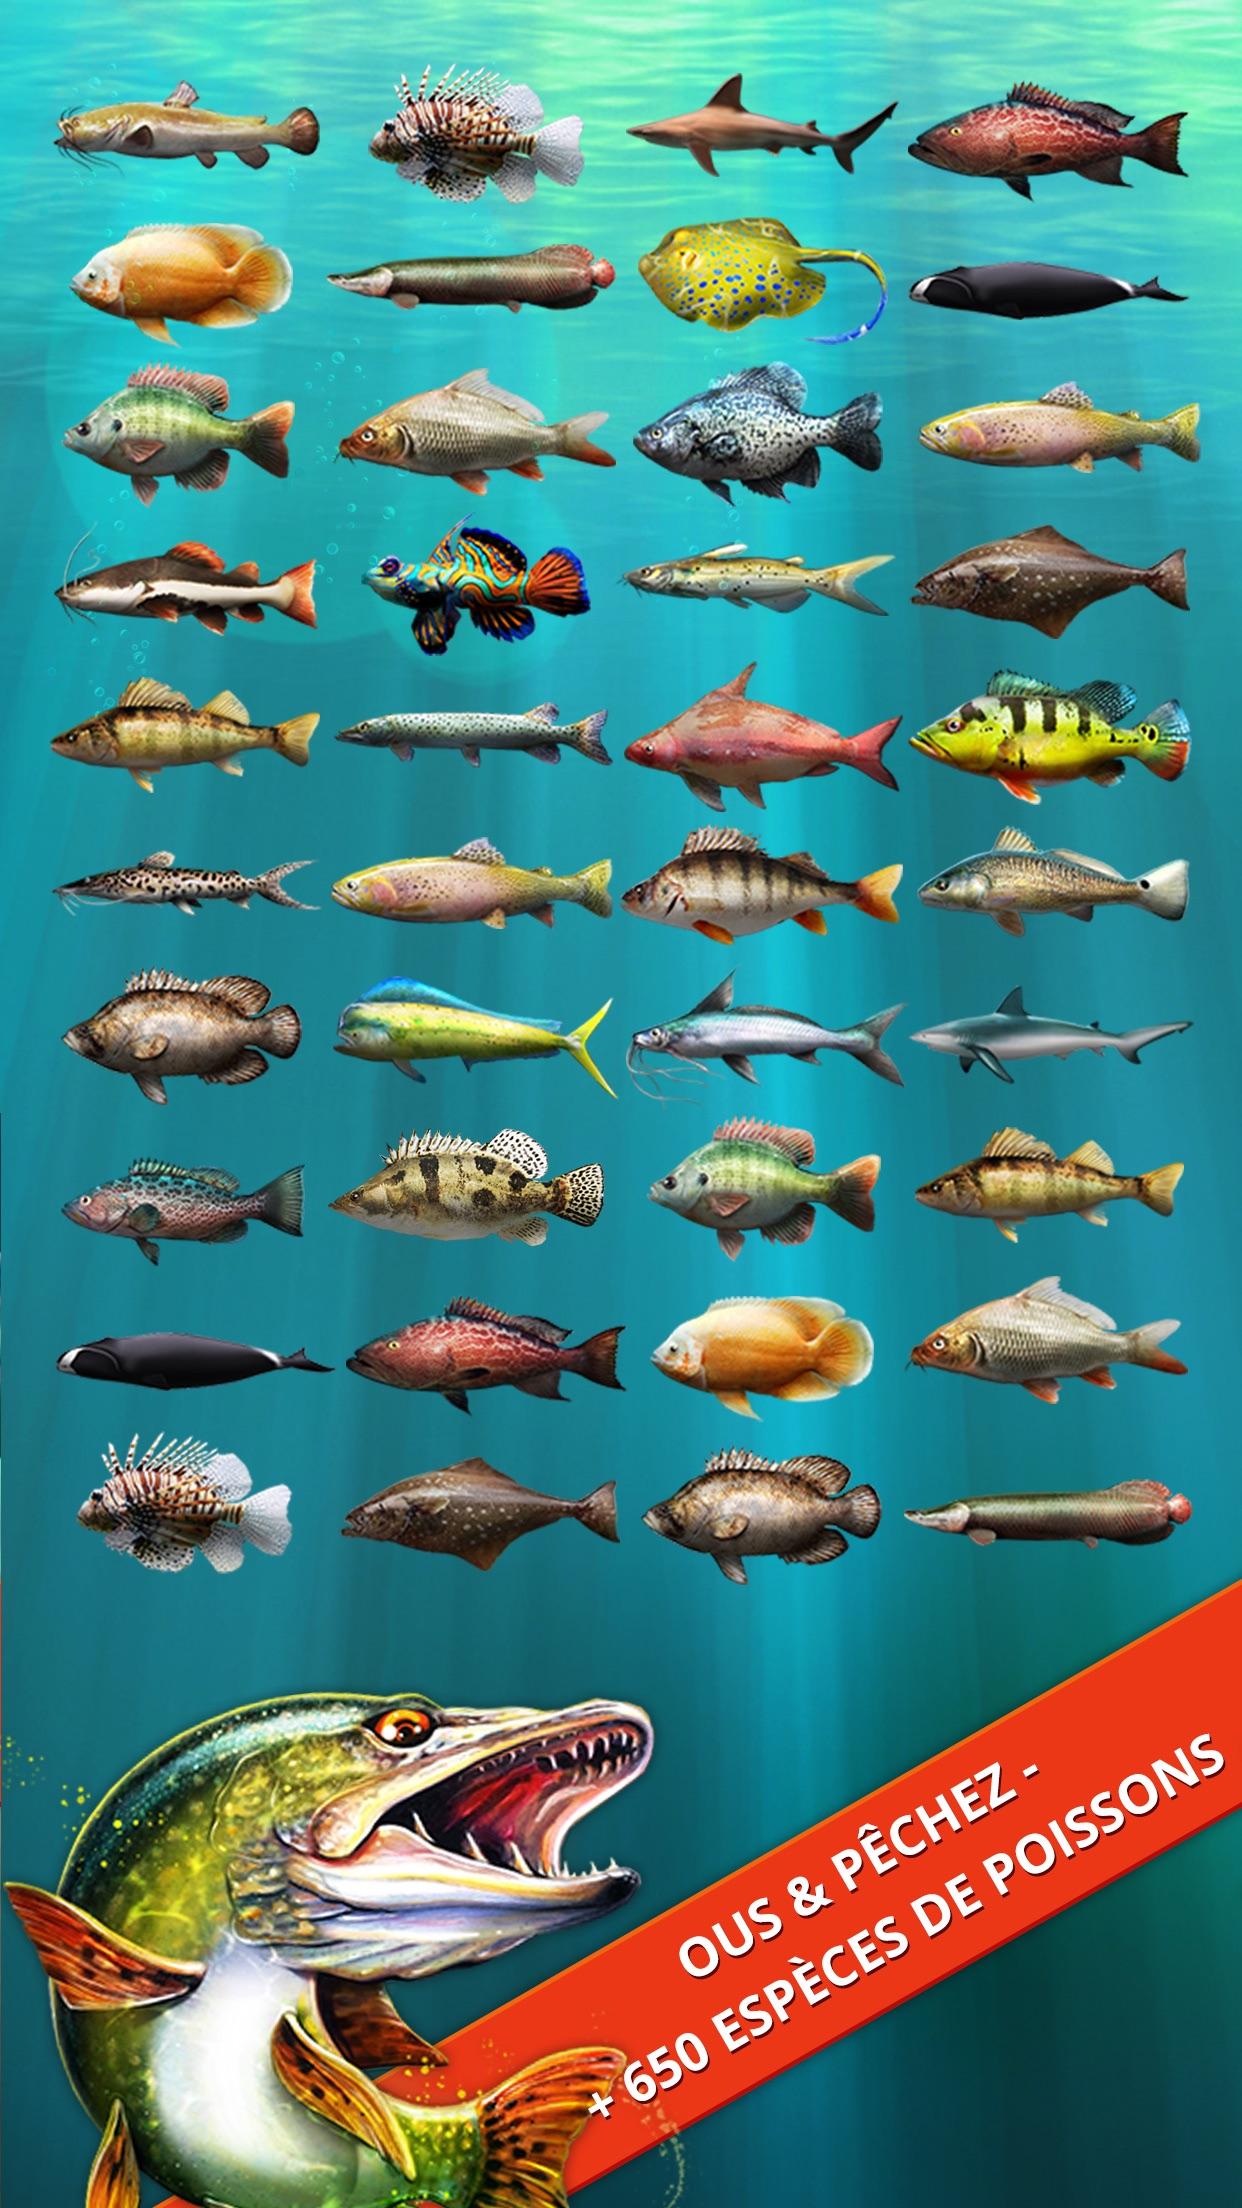 Let's Fish: Jeux de Pêche 2019 Screenshot